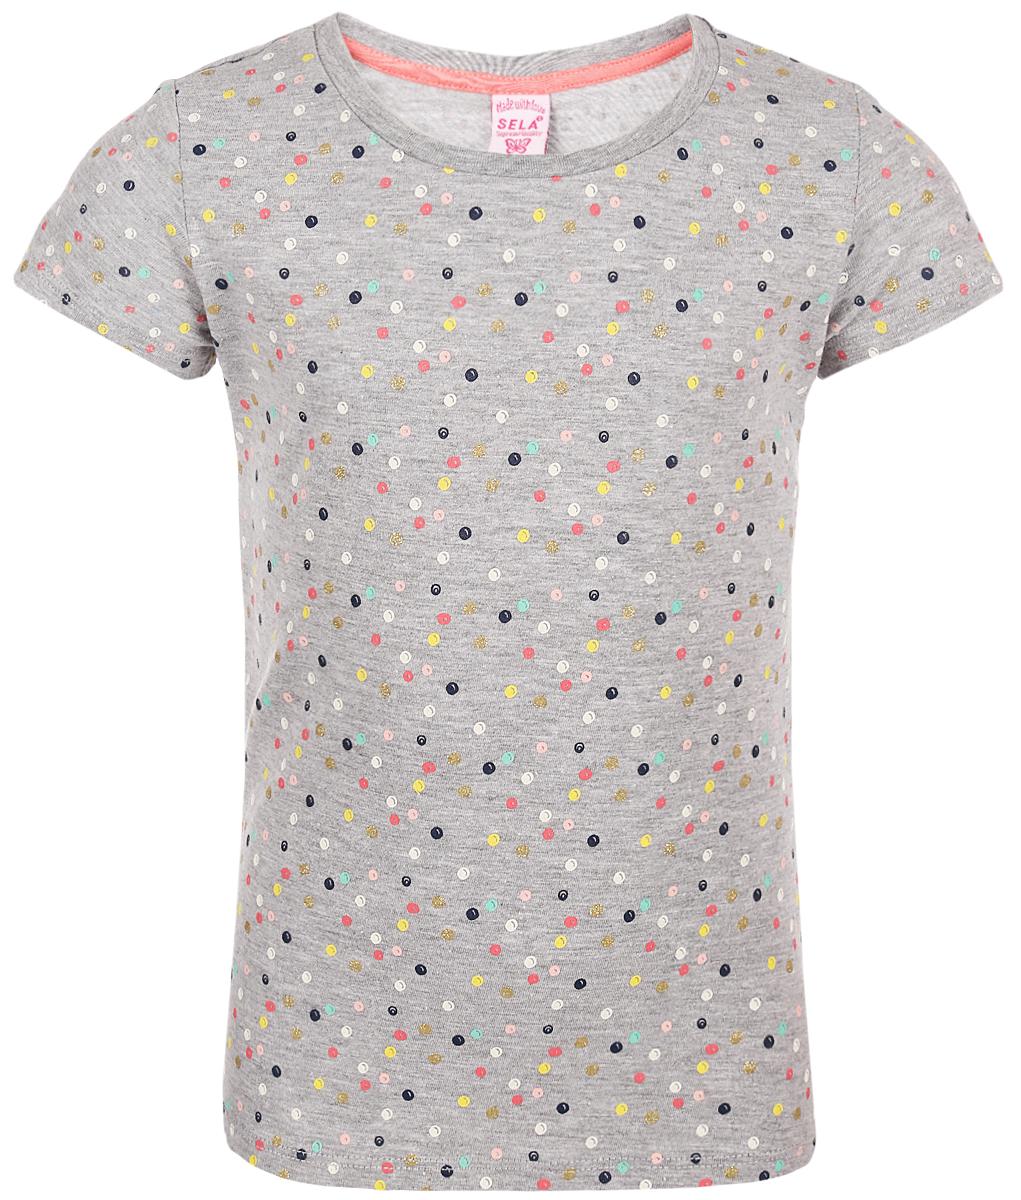 Футболка для девочки Sela, цвет: серый. Ts-511/484-8213. Размер 116 футболка для девочки sela цвет розовый ts 511 486 8213 размер 116 6 лет